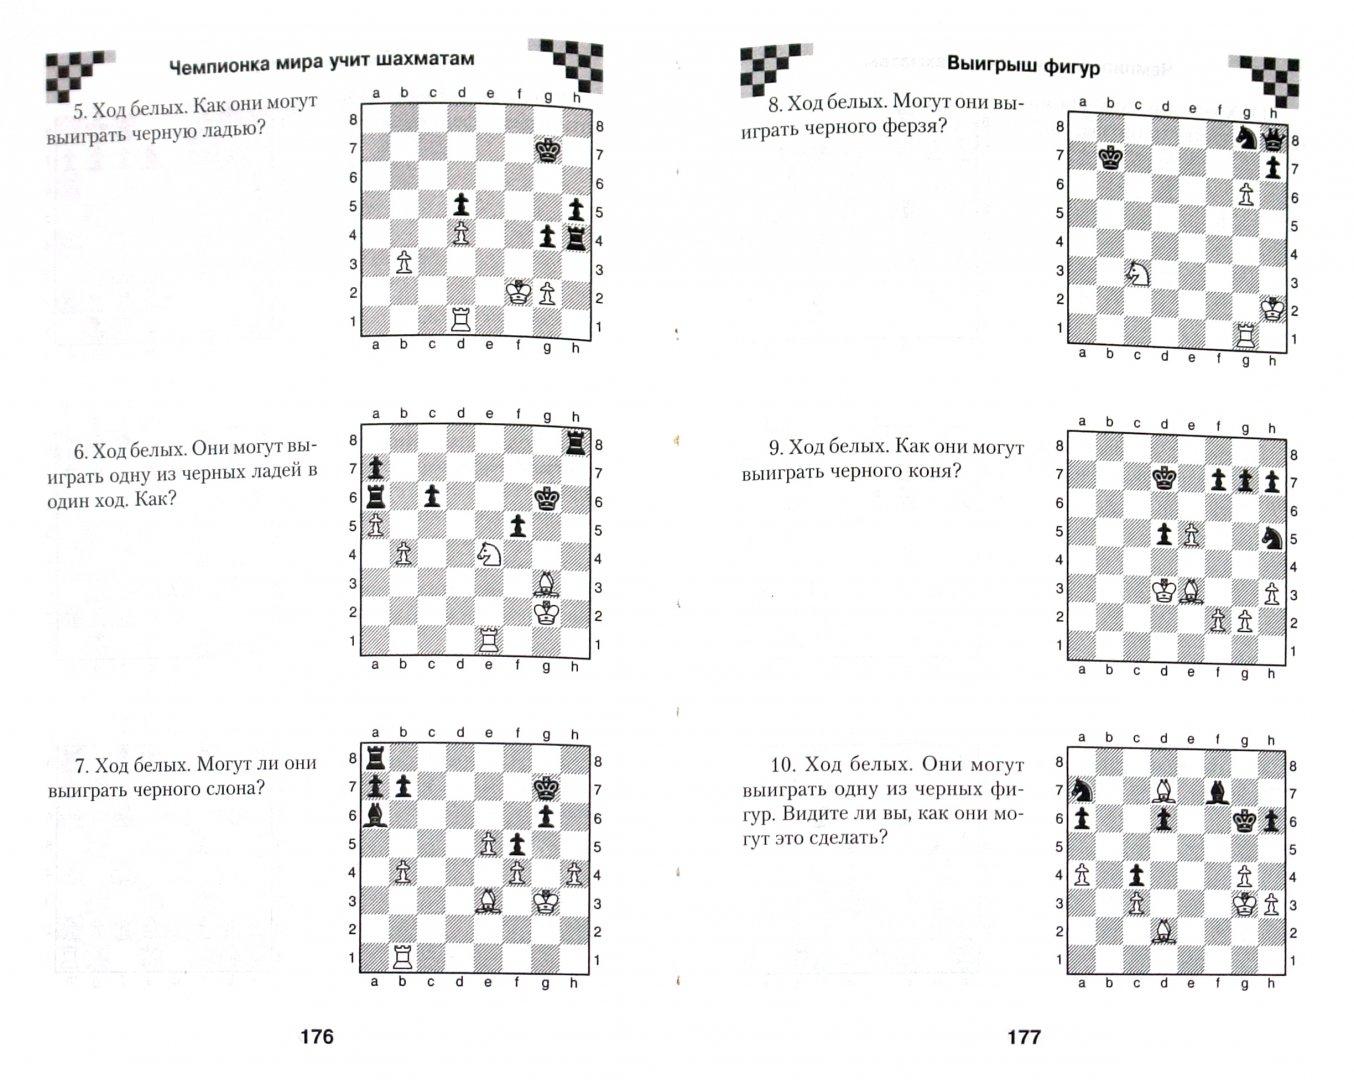 Иллюстрация 1 из 16 для Чемпионка мира учит шахматам - Полгар, Труонг | Лабиринт - книги. Источник: Лабиринт